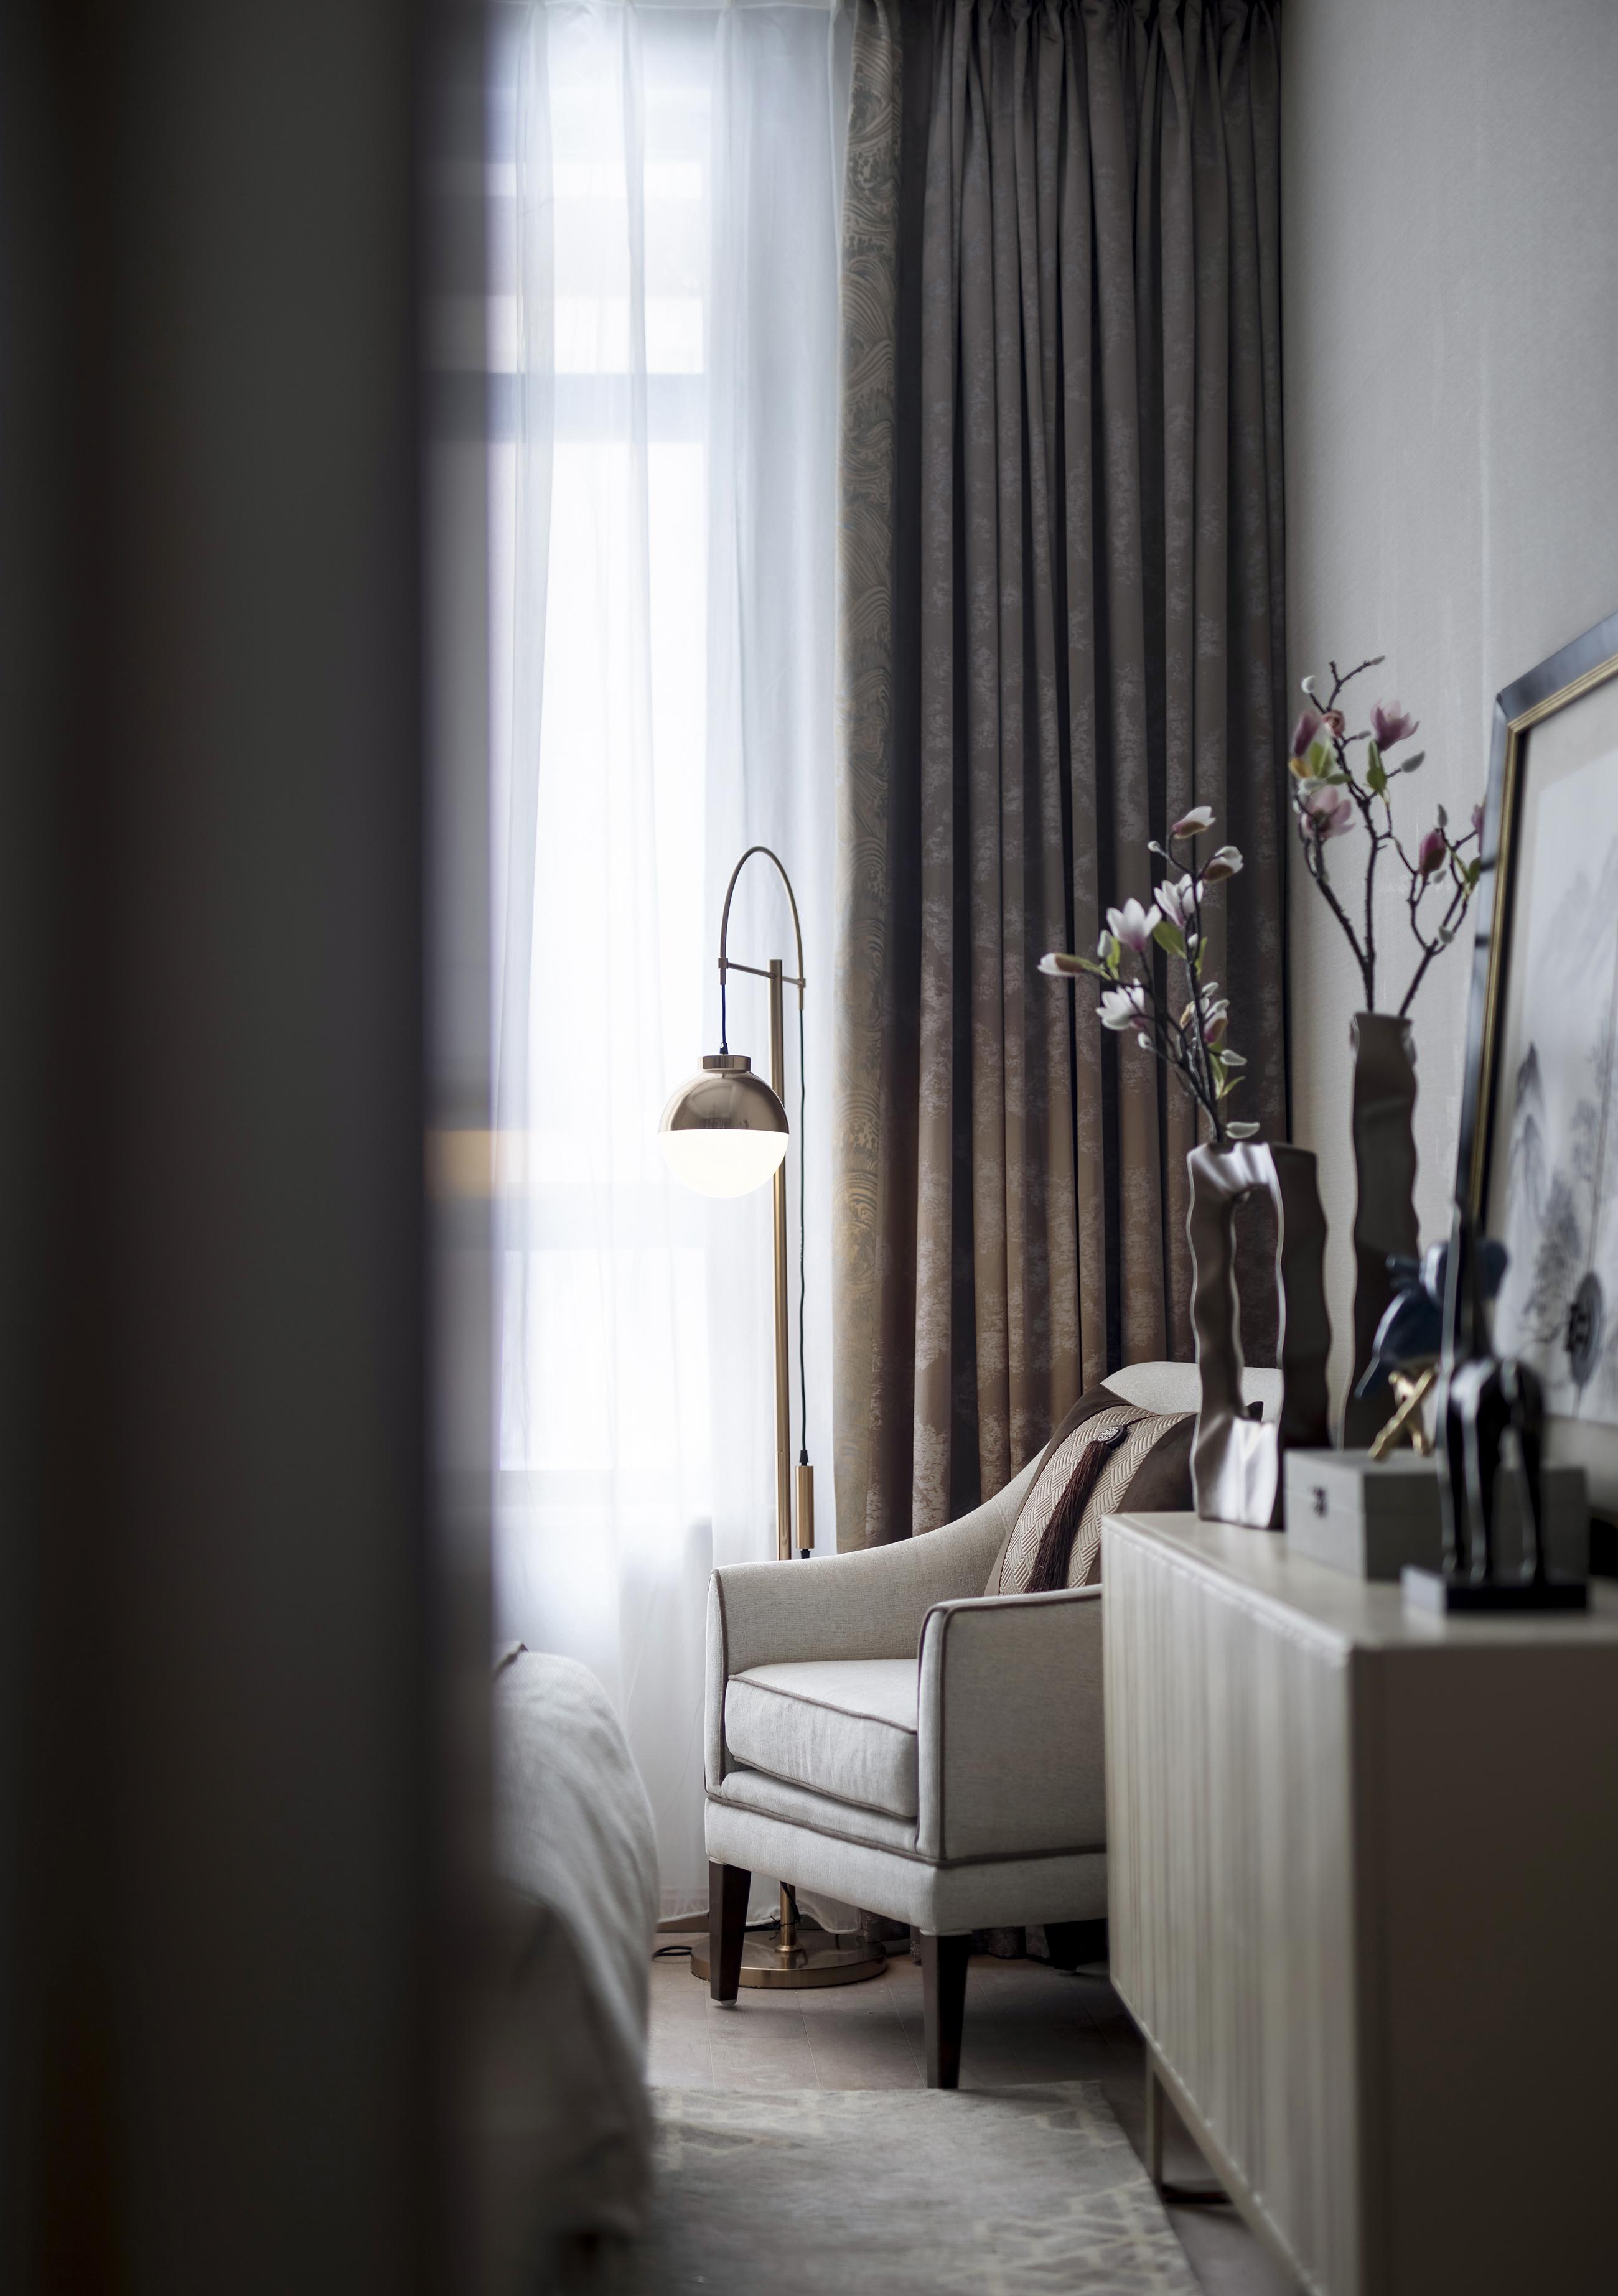 悠雅290平中式别墅卧室设计效果图客厅中式现代客厅设计图片赏析